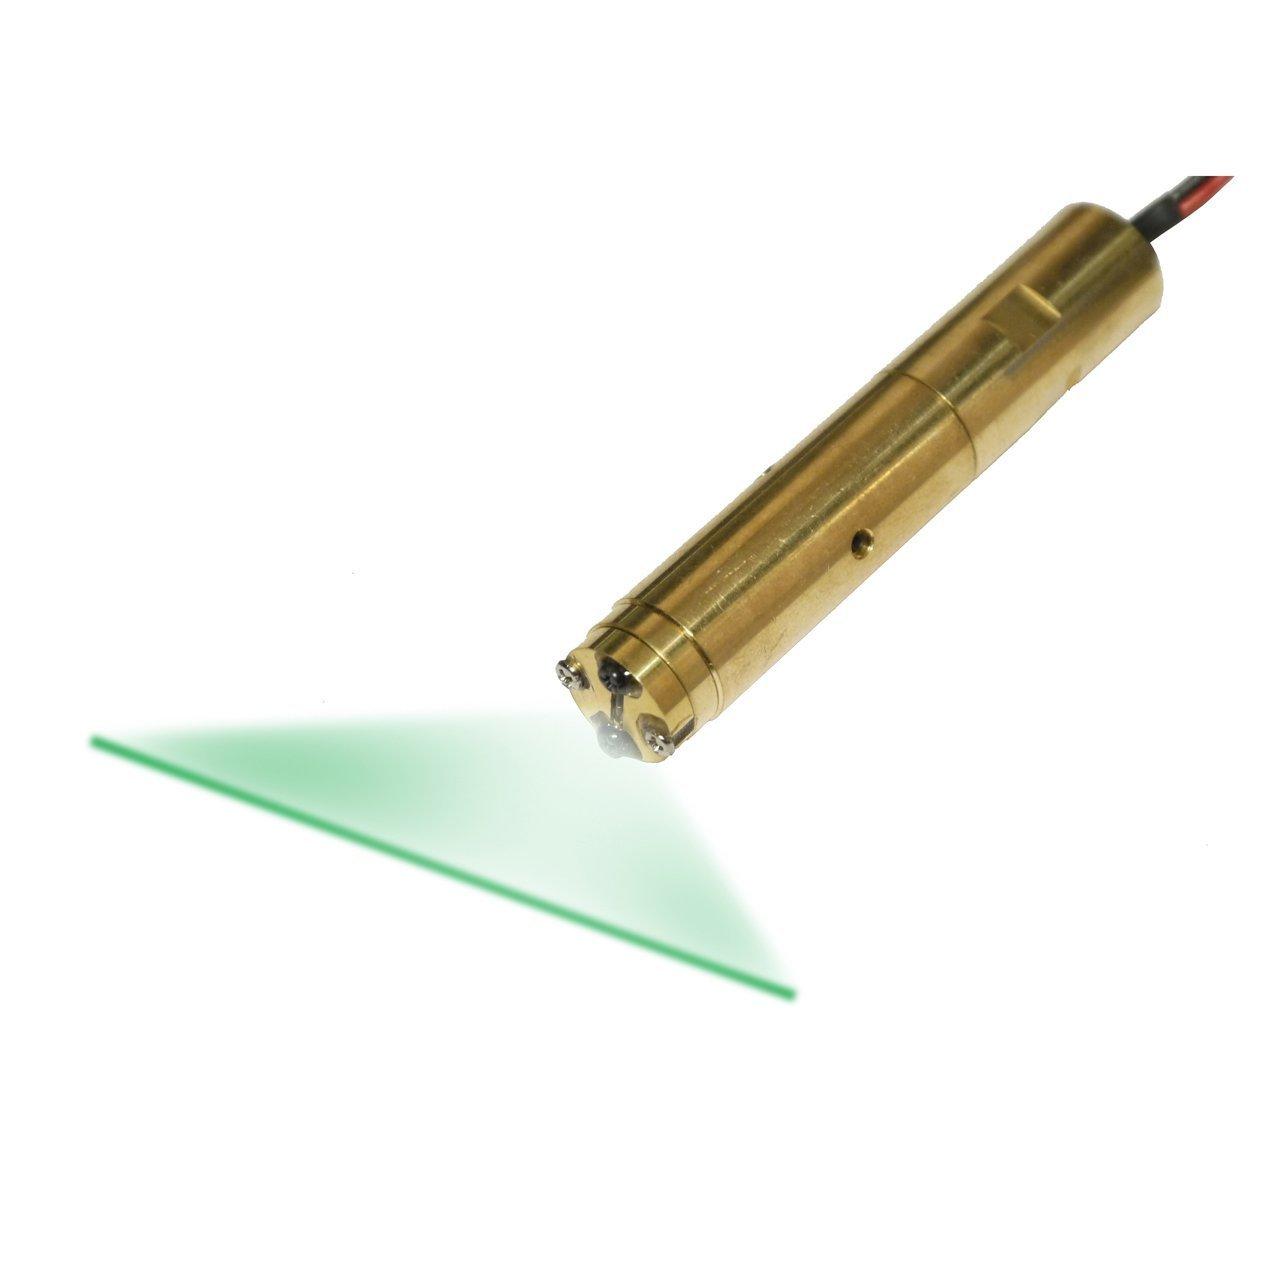 Quarton Laser Module VLM-532-46 LPT (GREEN LINE LASER) Laser line accuracy: 20'' (+/- 1mm @10m)